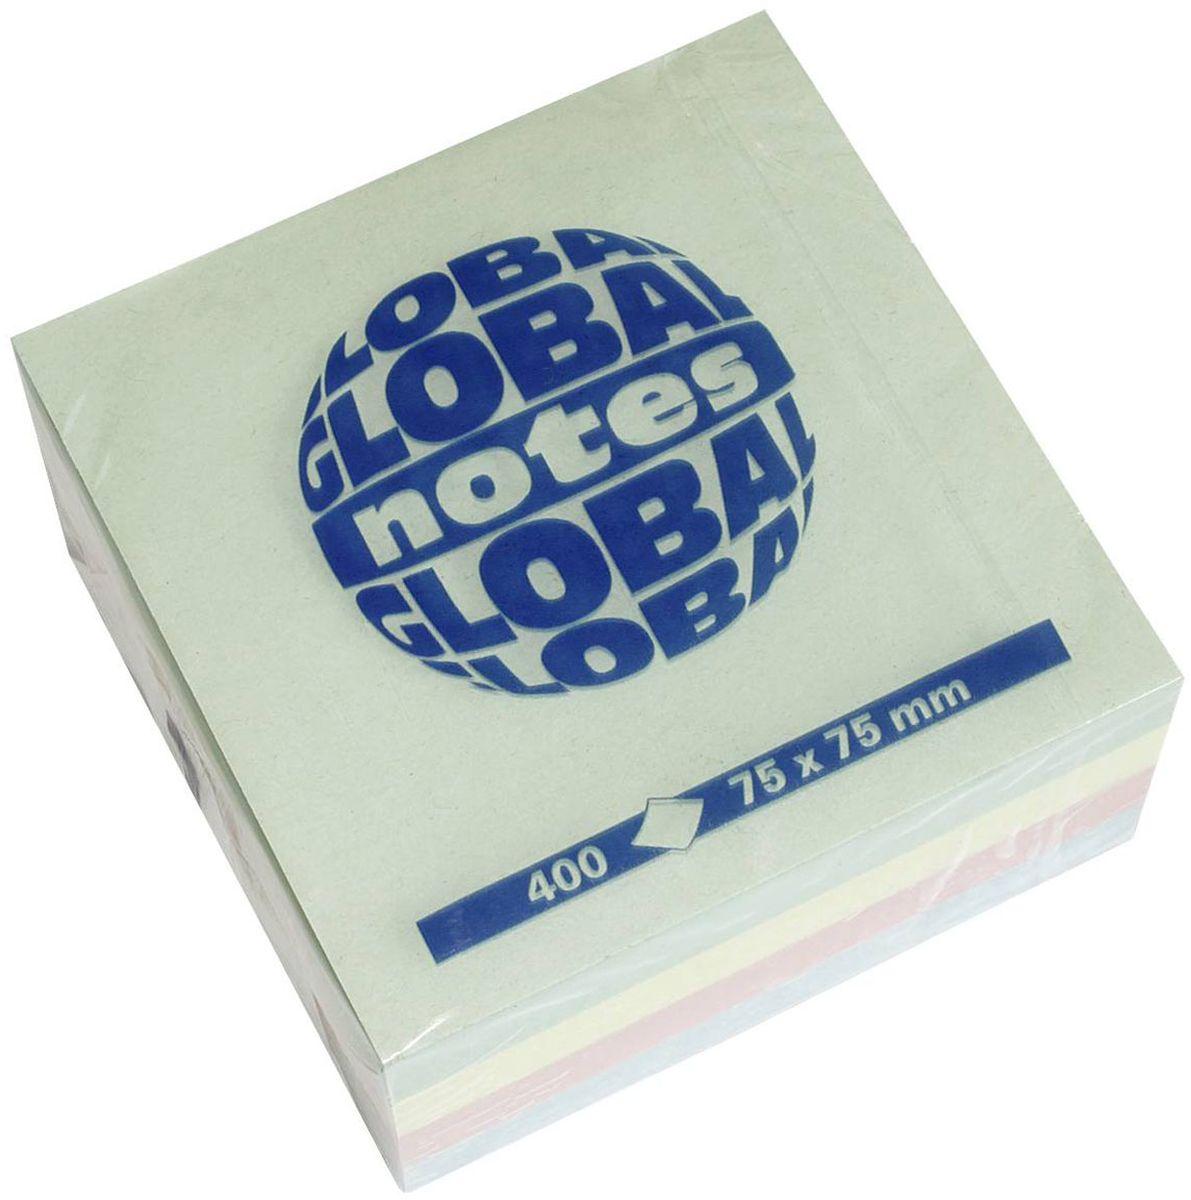 Global Notes Бумага для заметок с липким слоем Радуга 400 листов07034154-х цветная яркая. В блоке бумажки ярко-розового, желтого, голубого и зеленого цвета. Размер 75х75 мм. В блоке 400 листовПлотность бумаги 70гр/м2